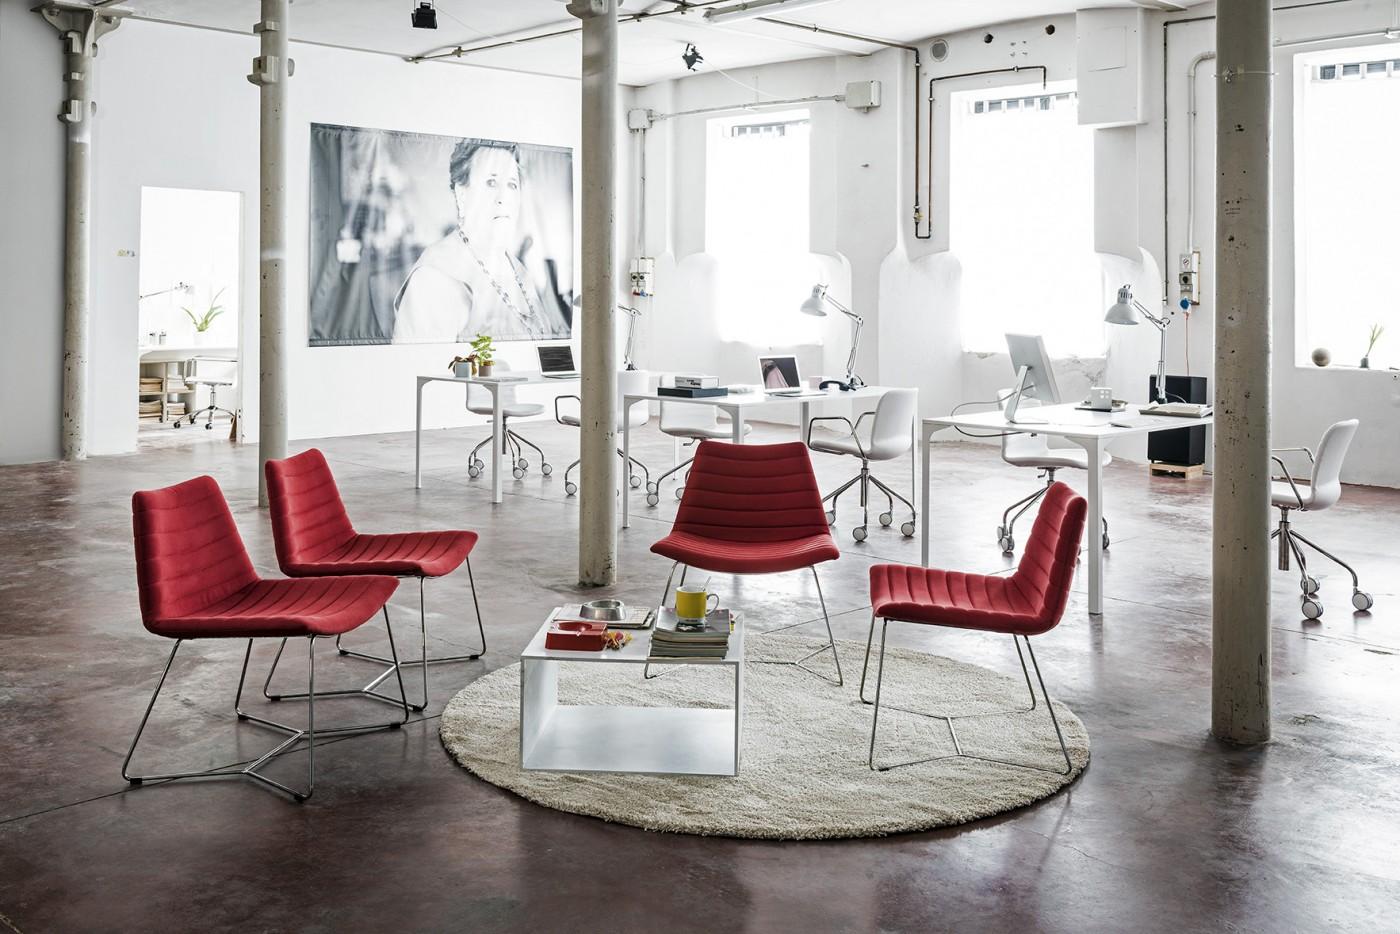 Ambiente polifunzionale: l'Ufficio che si trasforma